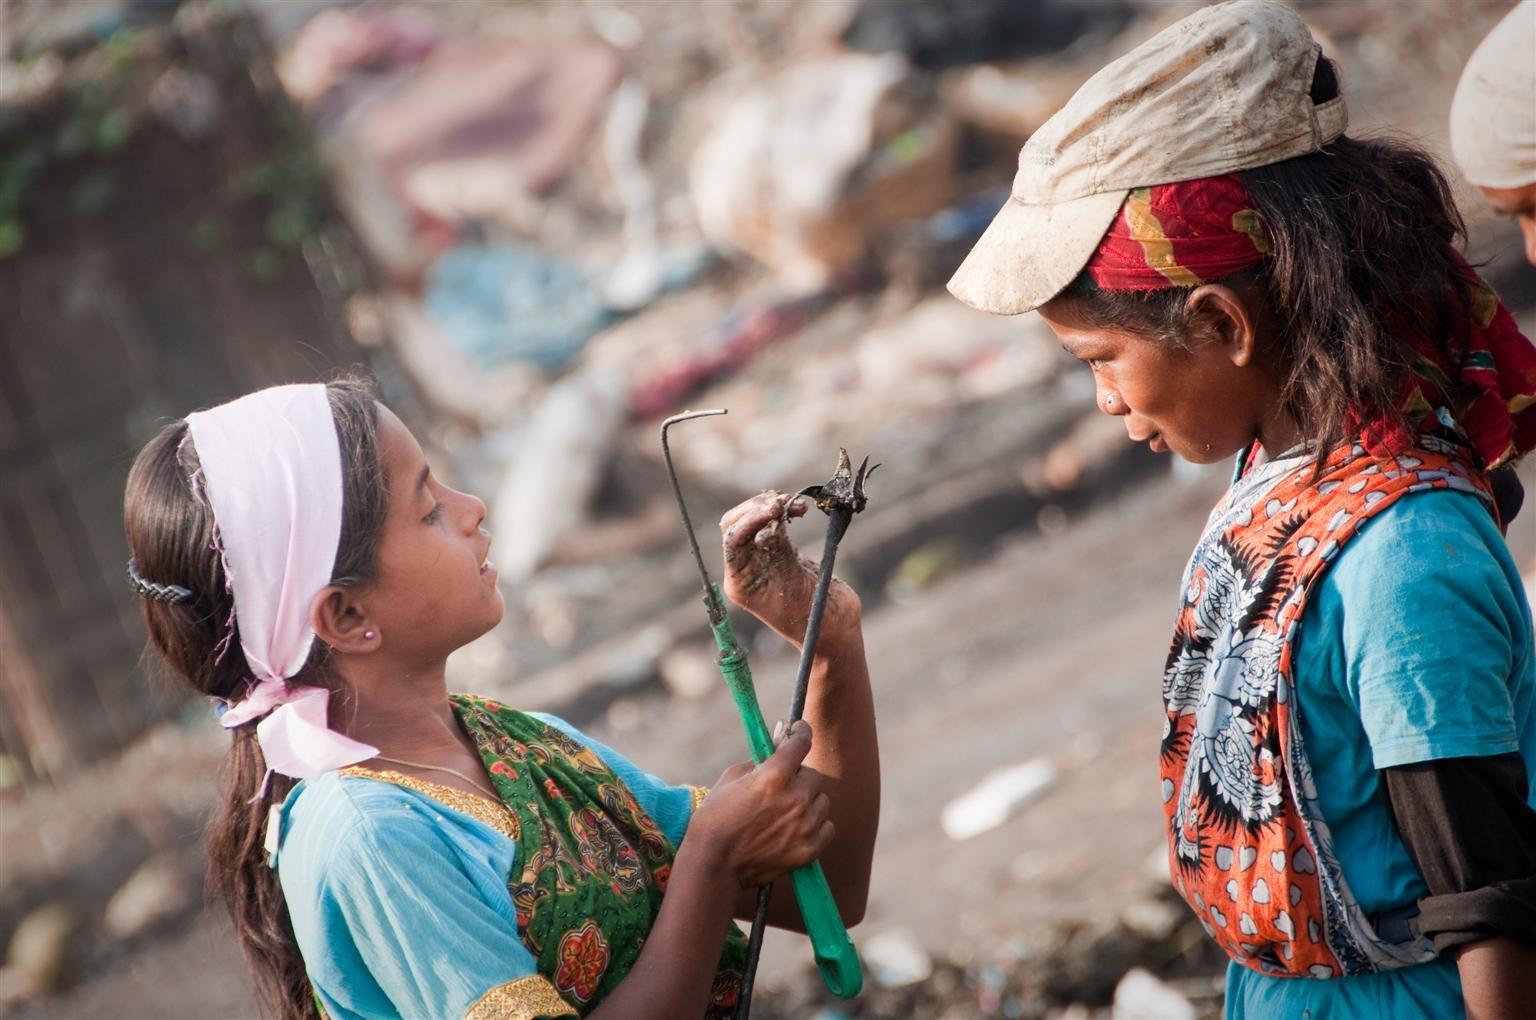 Một trong những hình ảnh đau lòng về tình trạng lao động trẻ em toàn cầu. Ảnh: UNICEF